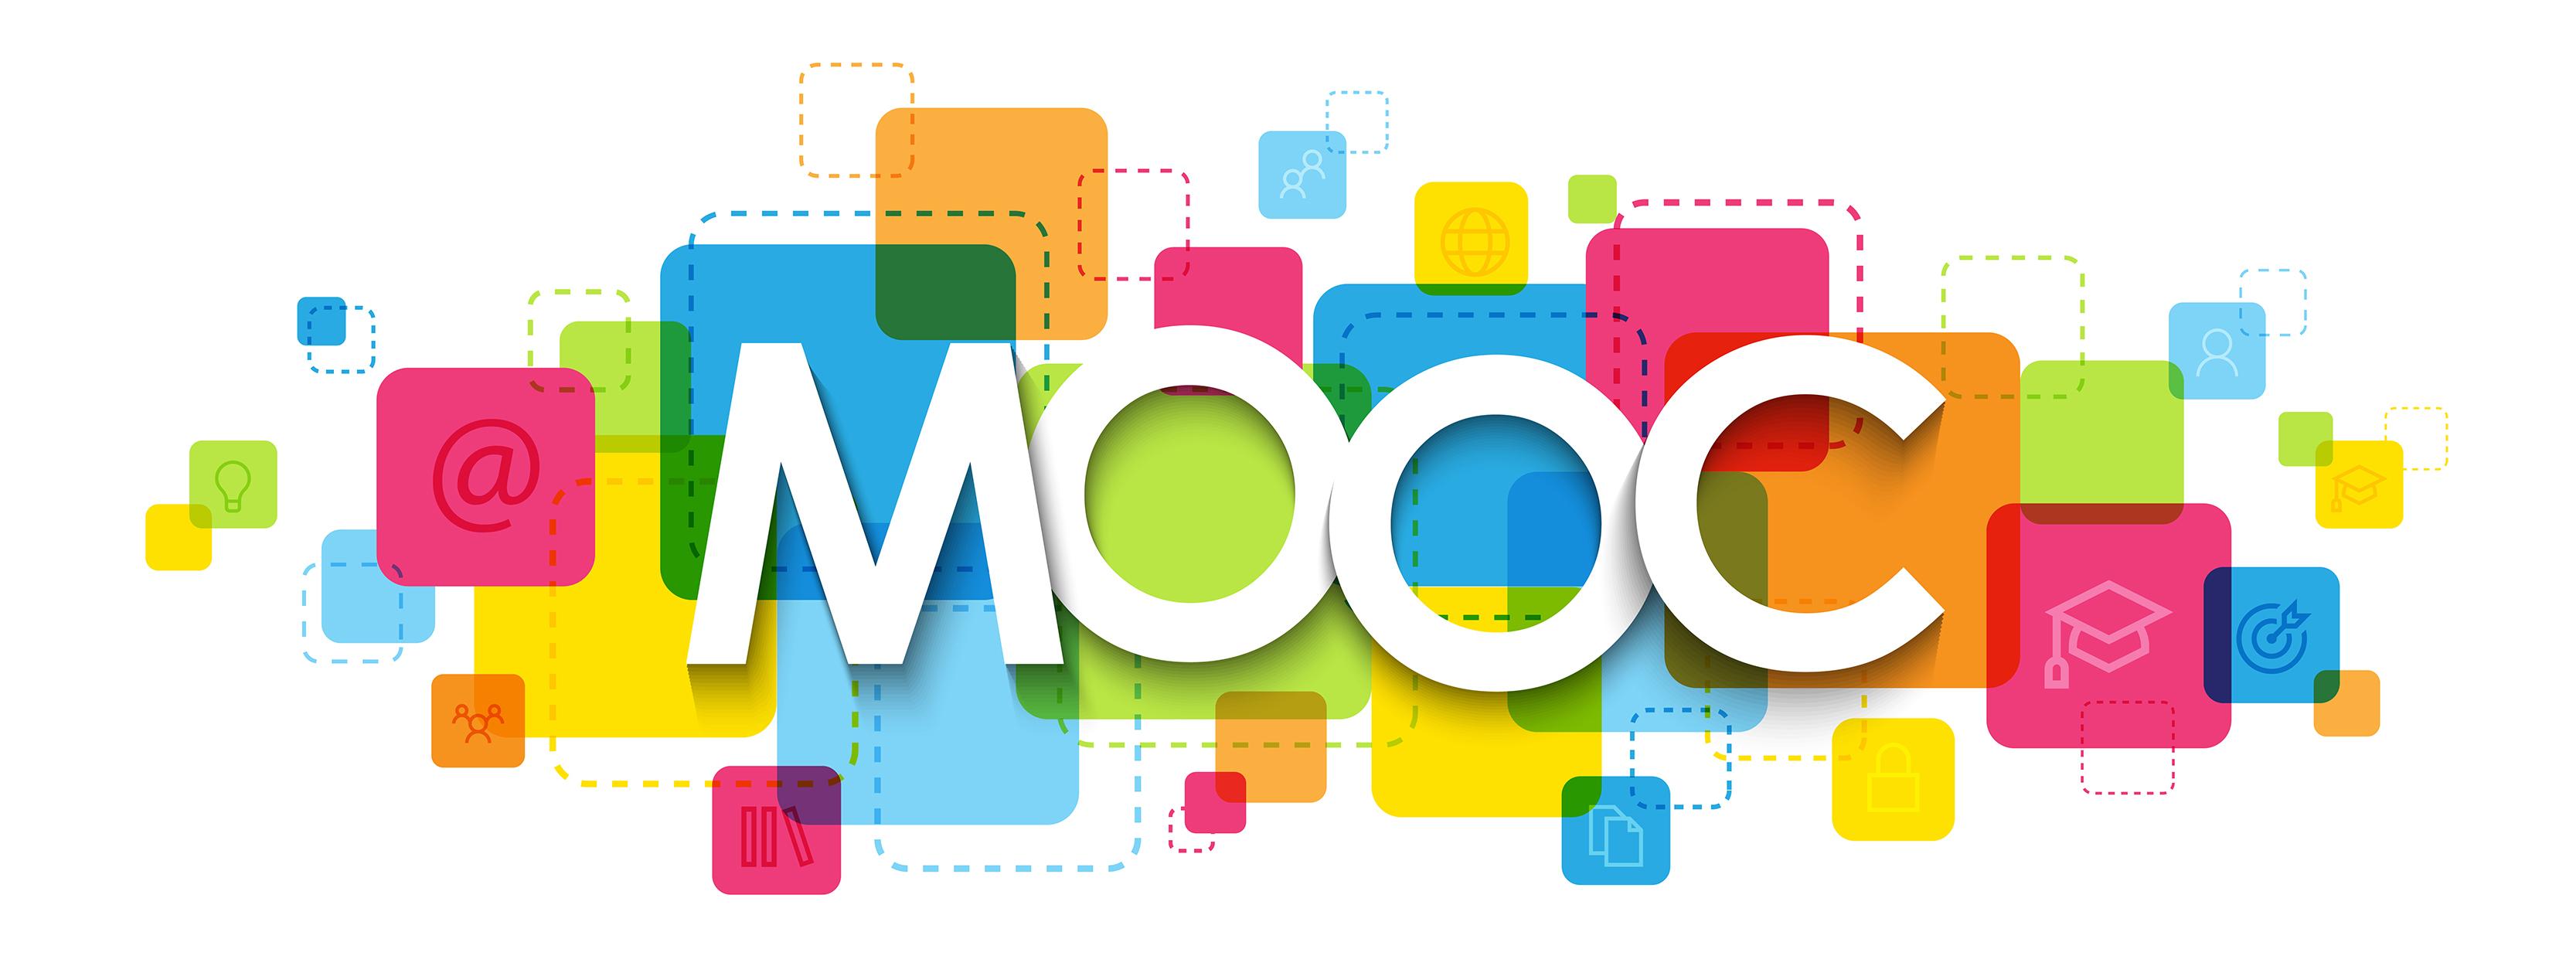 Cursos MOOC gratis mayo de 2020 (Español e Inglés)